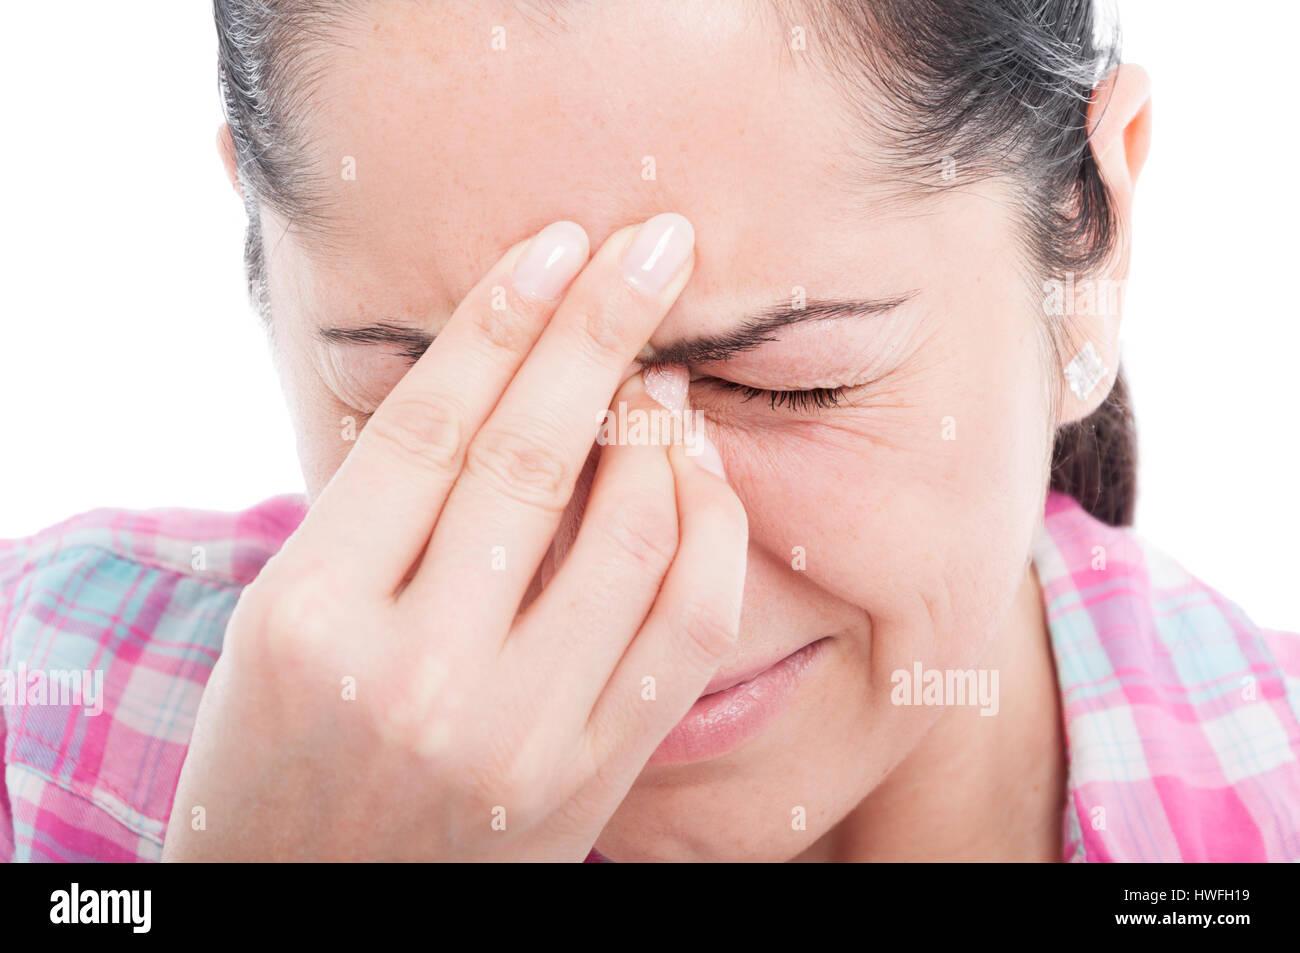 Nahaufnahme von Frau Kopfschmerzen leiden und müde auf weißem Hintergrund Stockbild